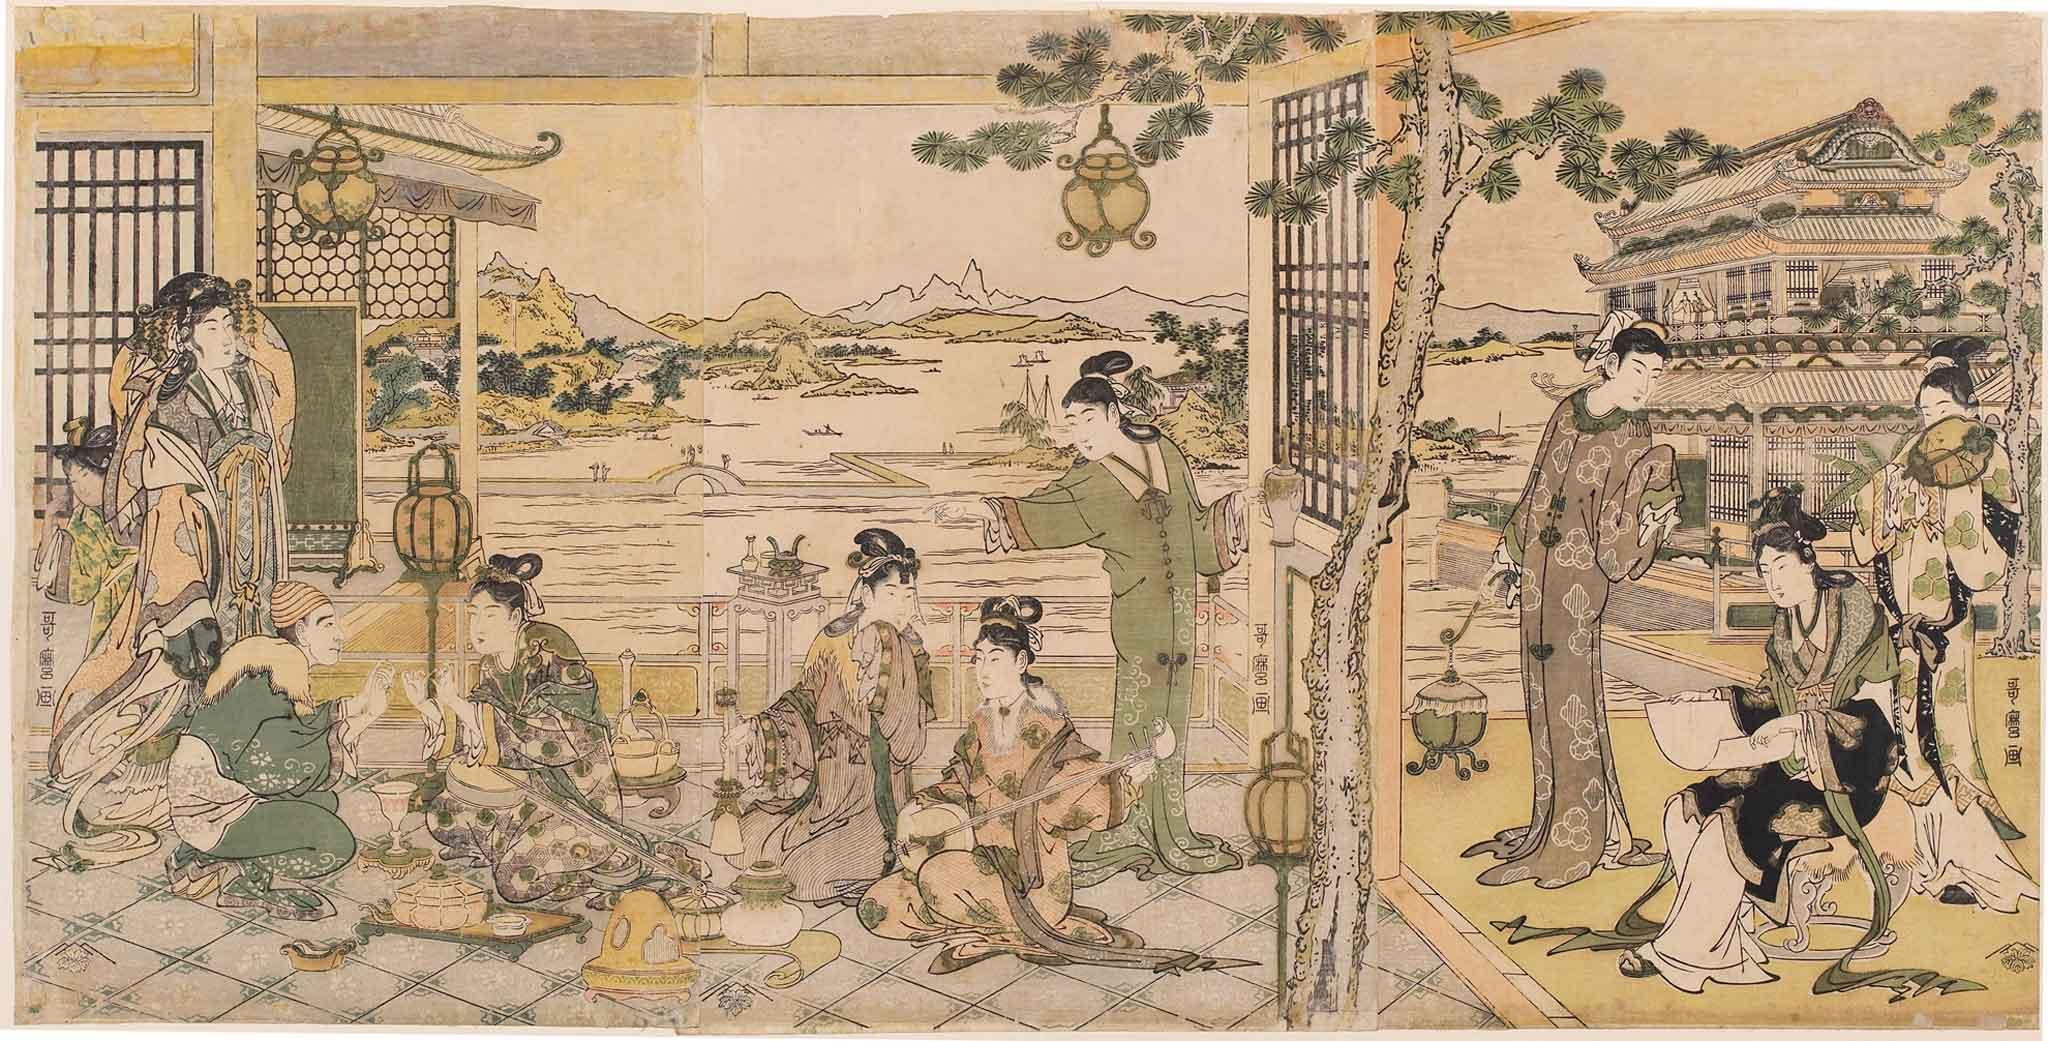 hokusai-24-banchetto